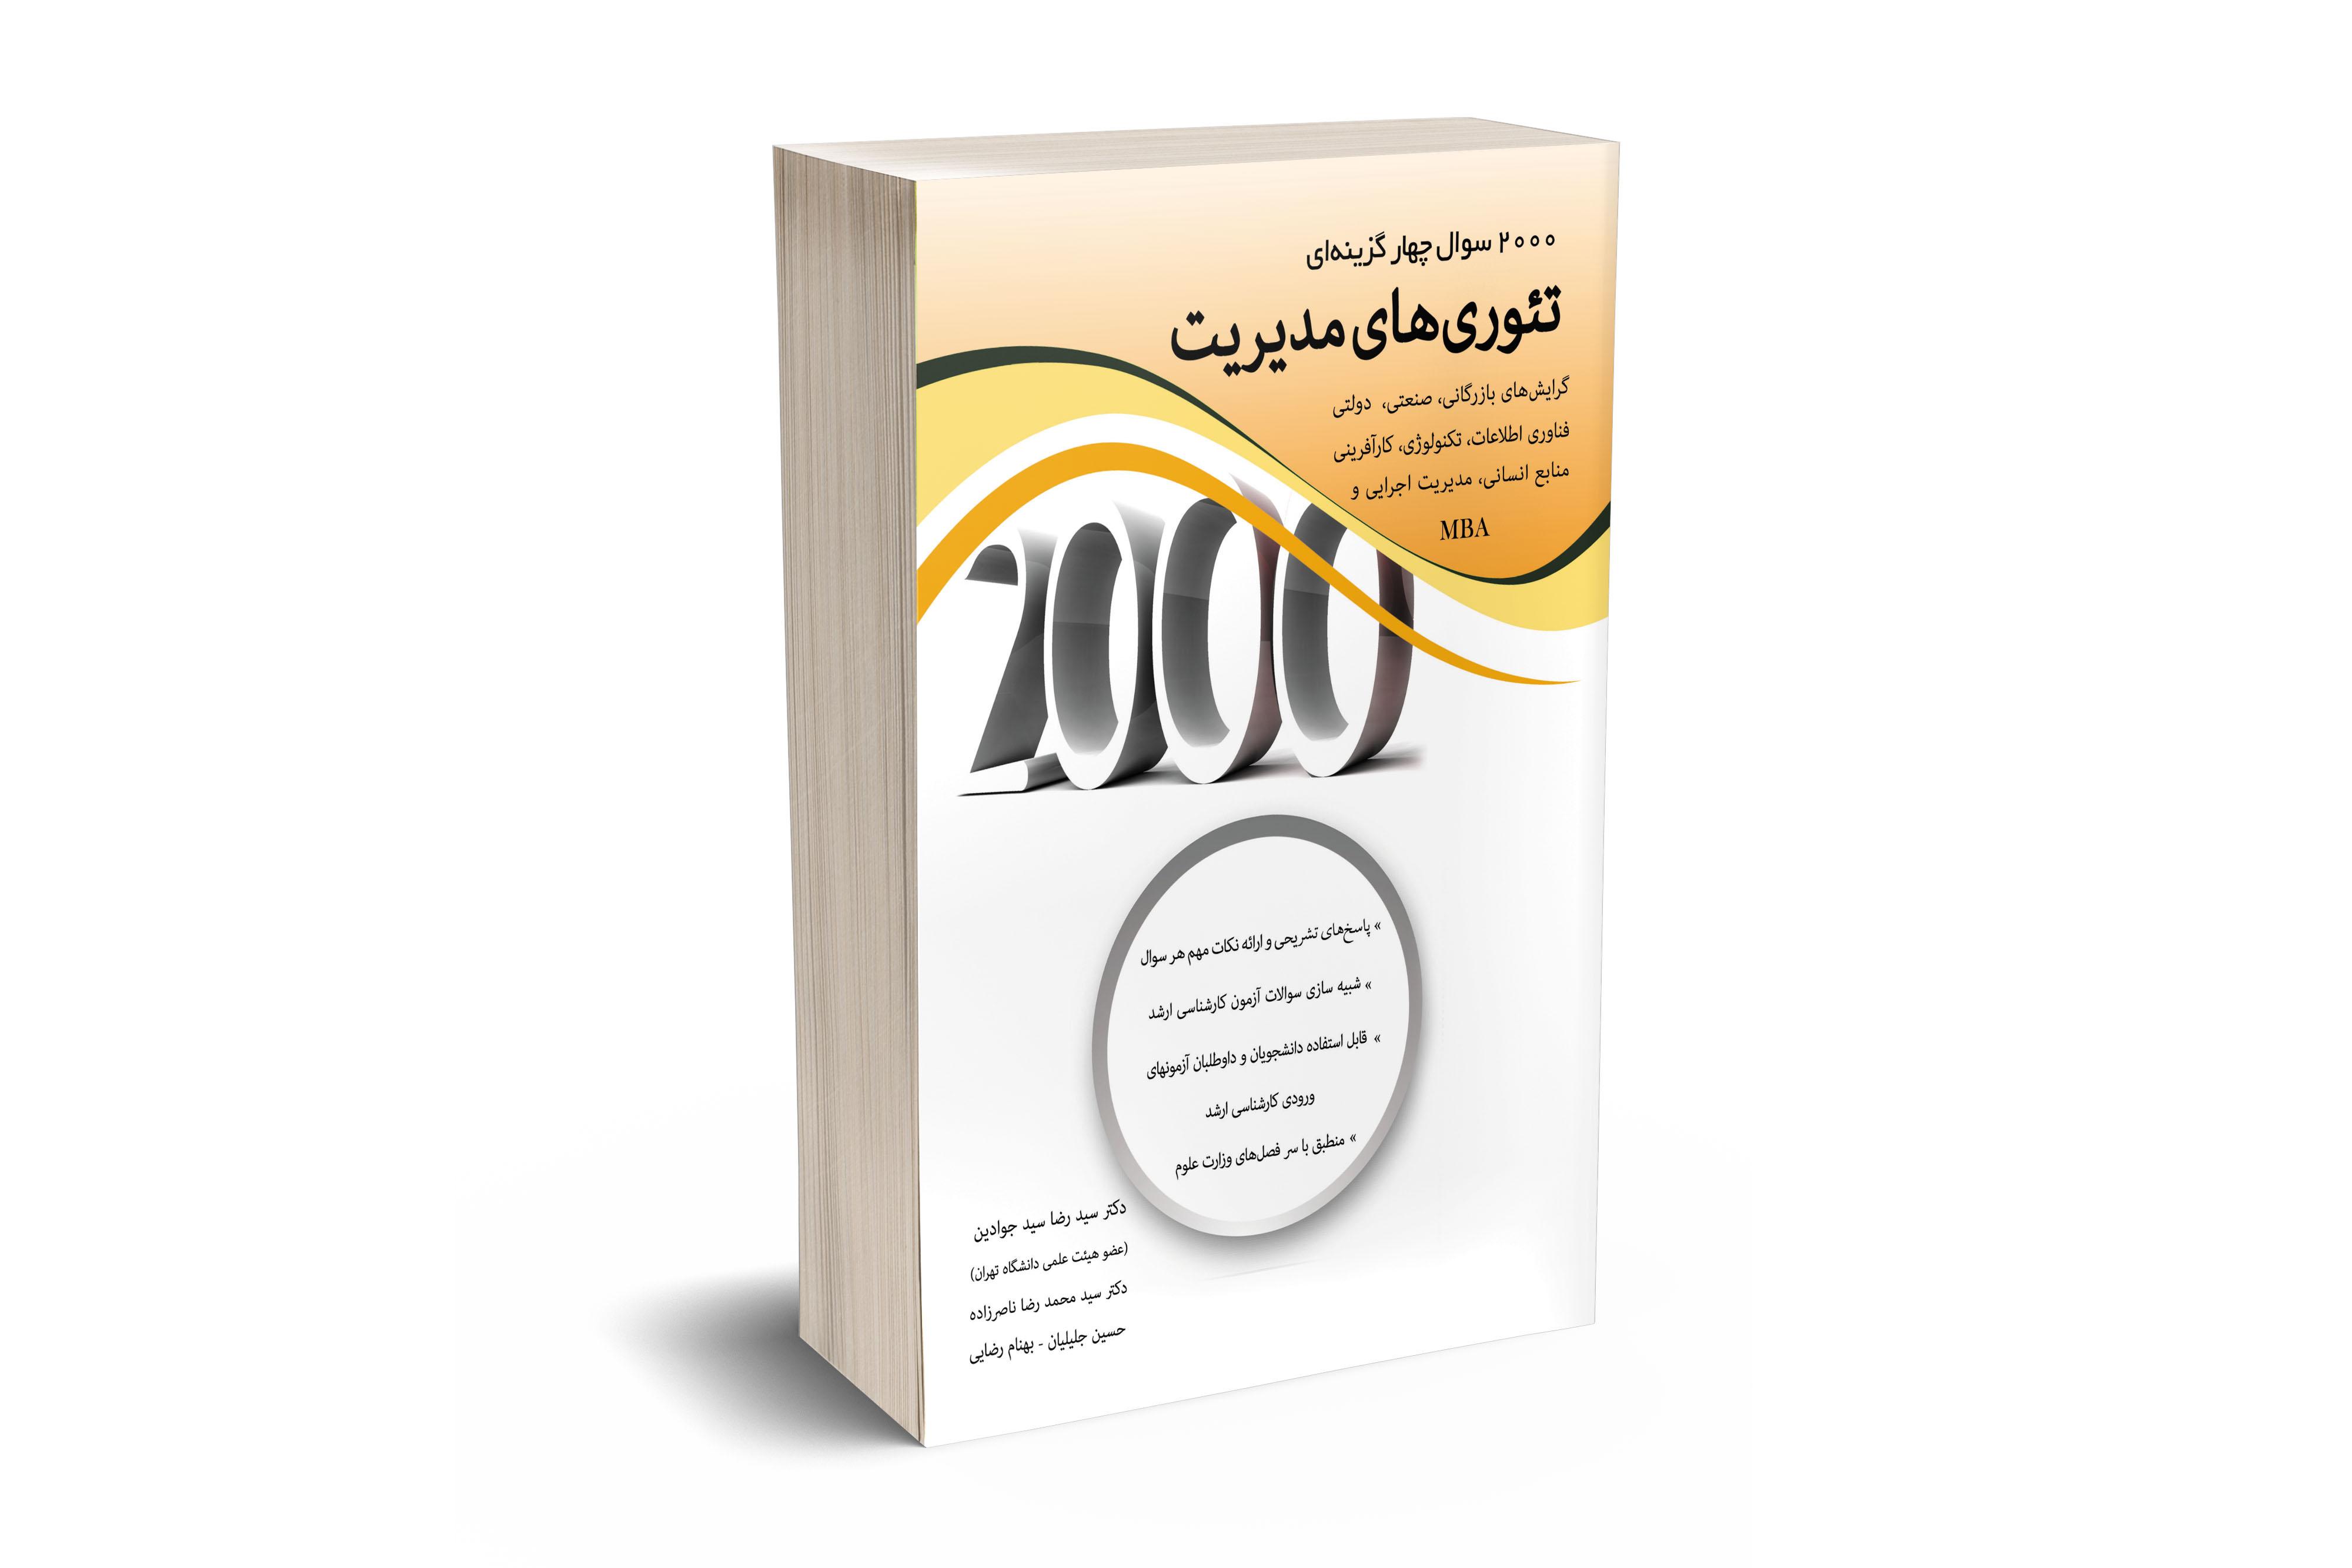 2000 سوال چهار گزینه ای تئوری های مدیریت